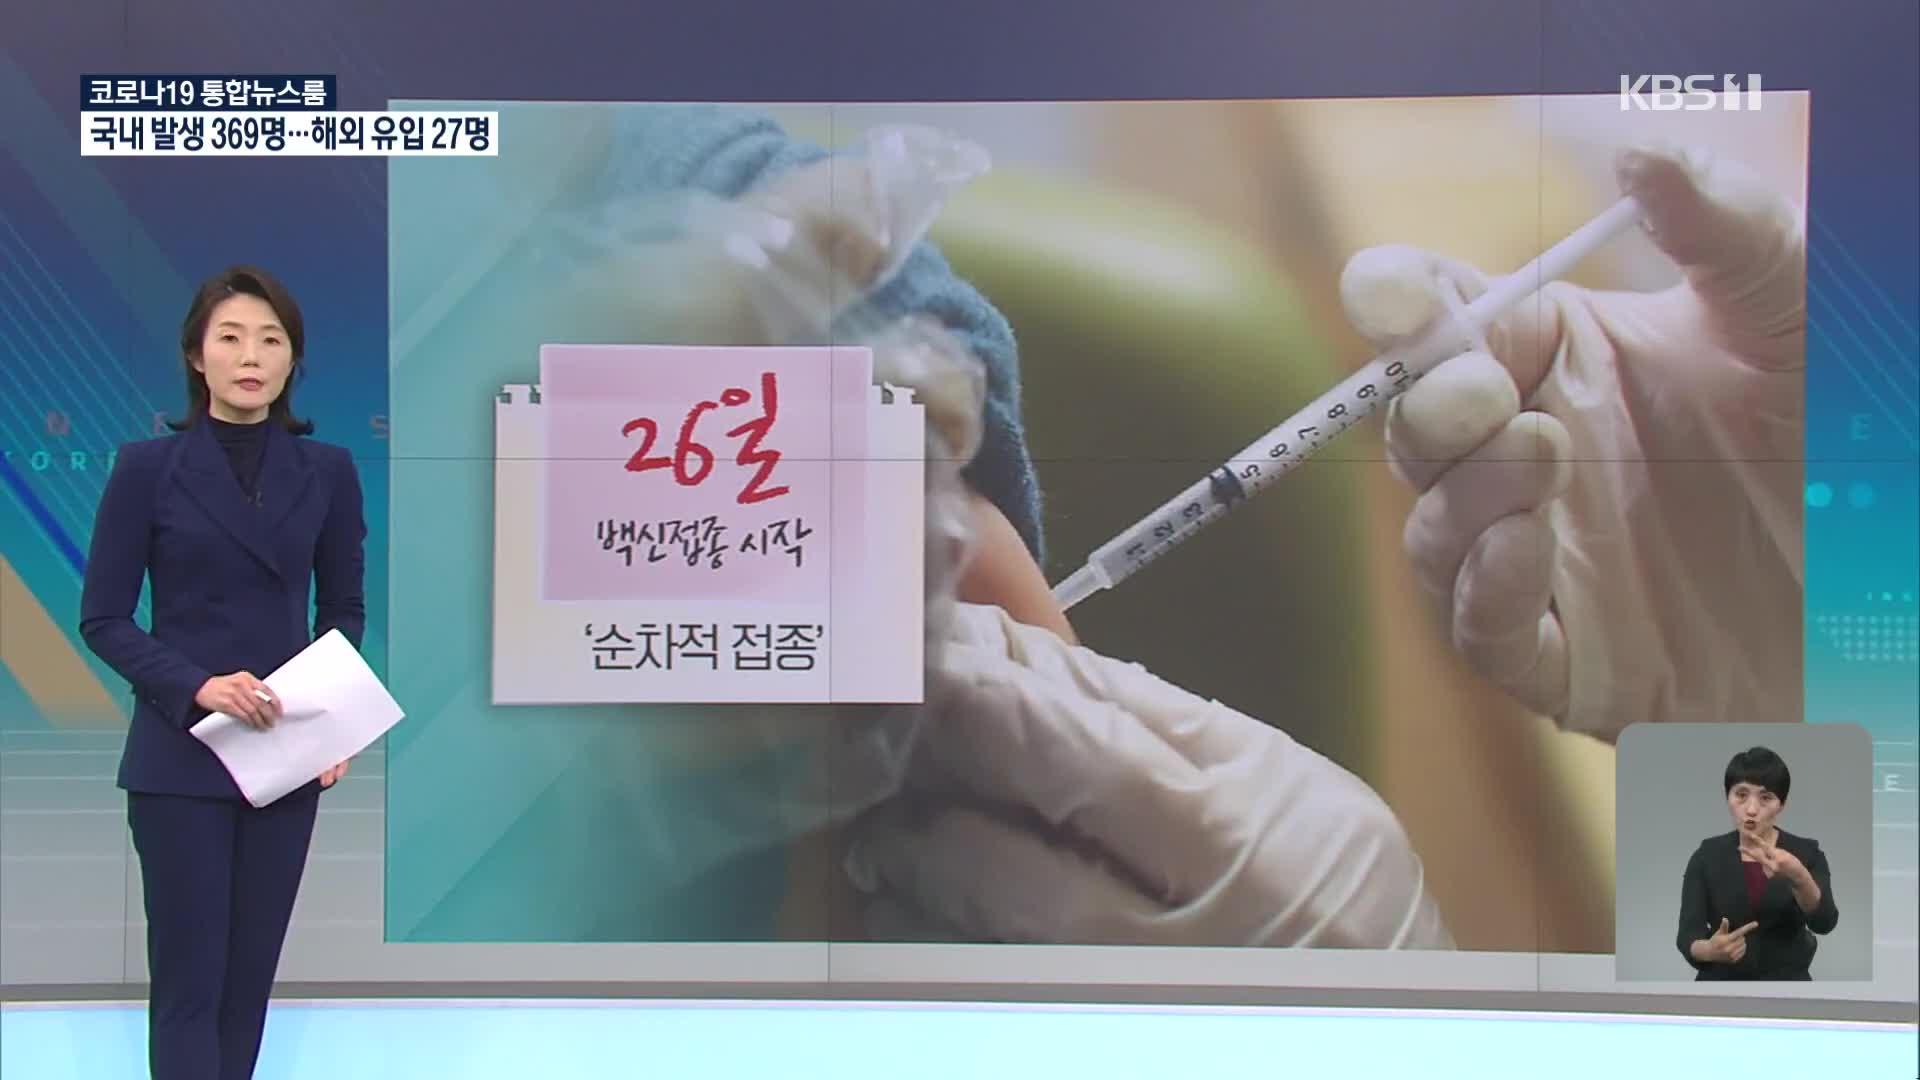 백신 접종 대상자와 일정은?